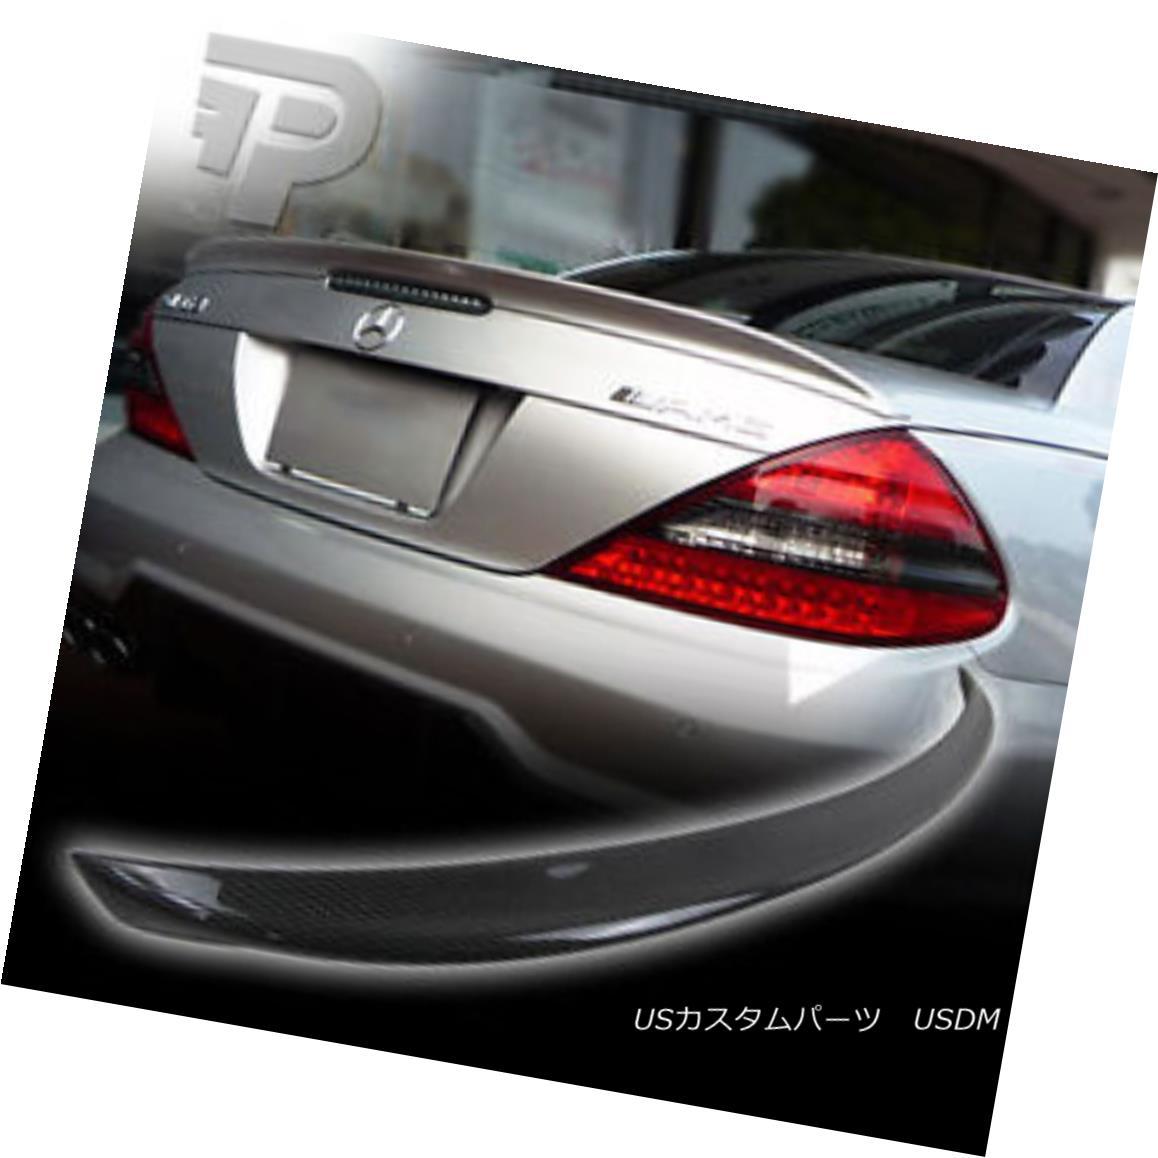 エアロパーツ CARBON FIBER Mercedes BENZ R230 A TYPE REAR TRUNK BOOT SPOILER SL55 SL550 ▼ カーボンファイバーメルセデスベンツR230型後部トランクブーツスポイラーSL55 SL550?